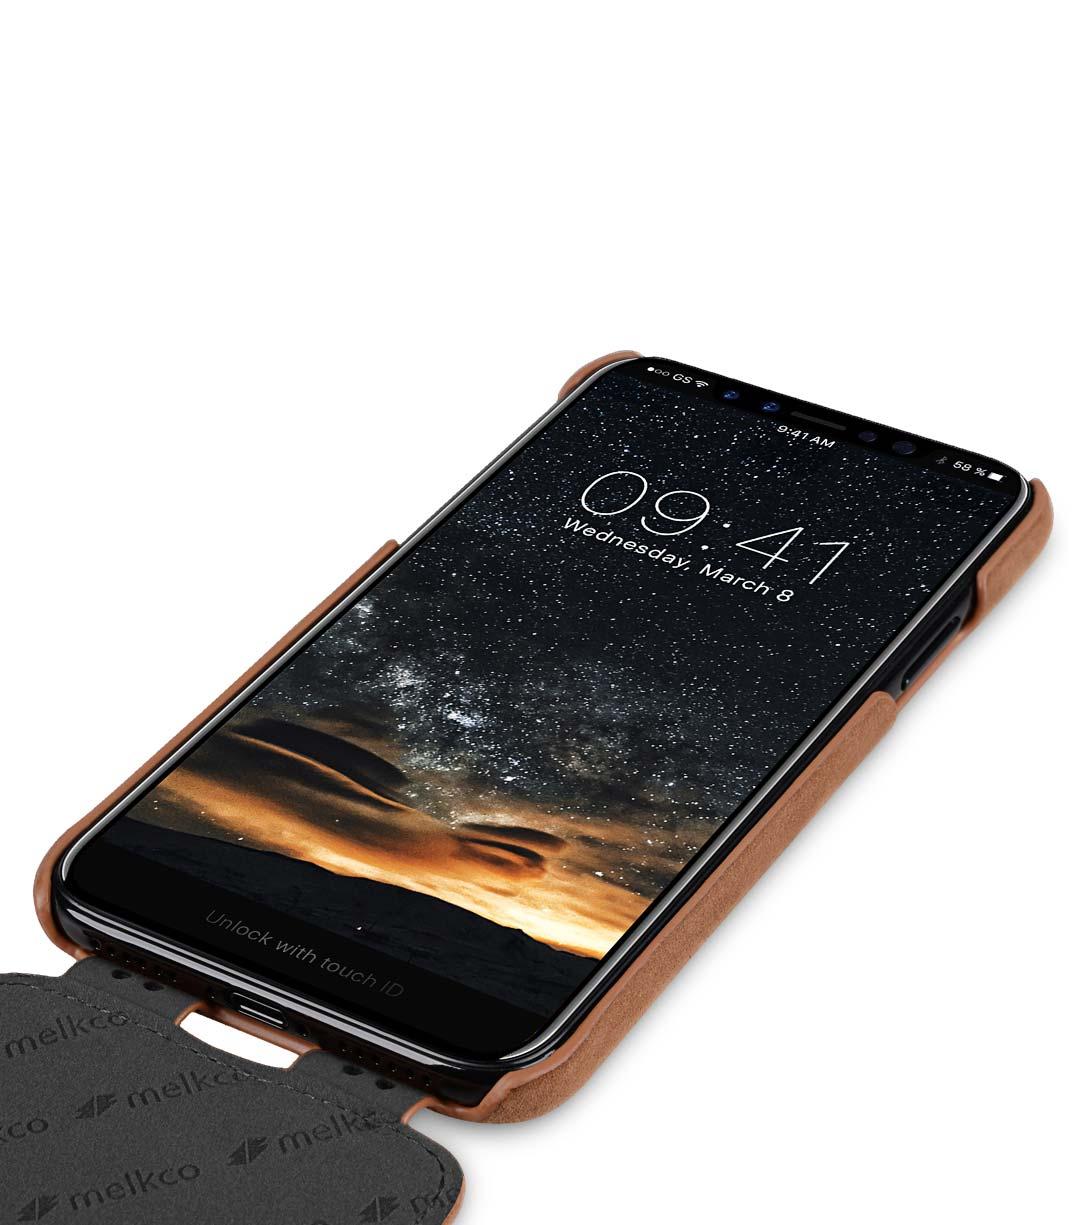 iPhone 11 Pro Max (6.5インチ) (2019)  【 Melkco】 プレミアム ヌバック レザーケース 本革 ハンドメイド 磁石不使用 フリップタイプ (縦開き)  【 クラシック・ビンテージ・ブラウン 】